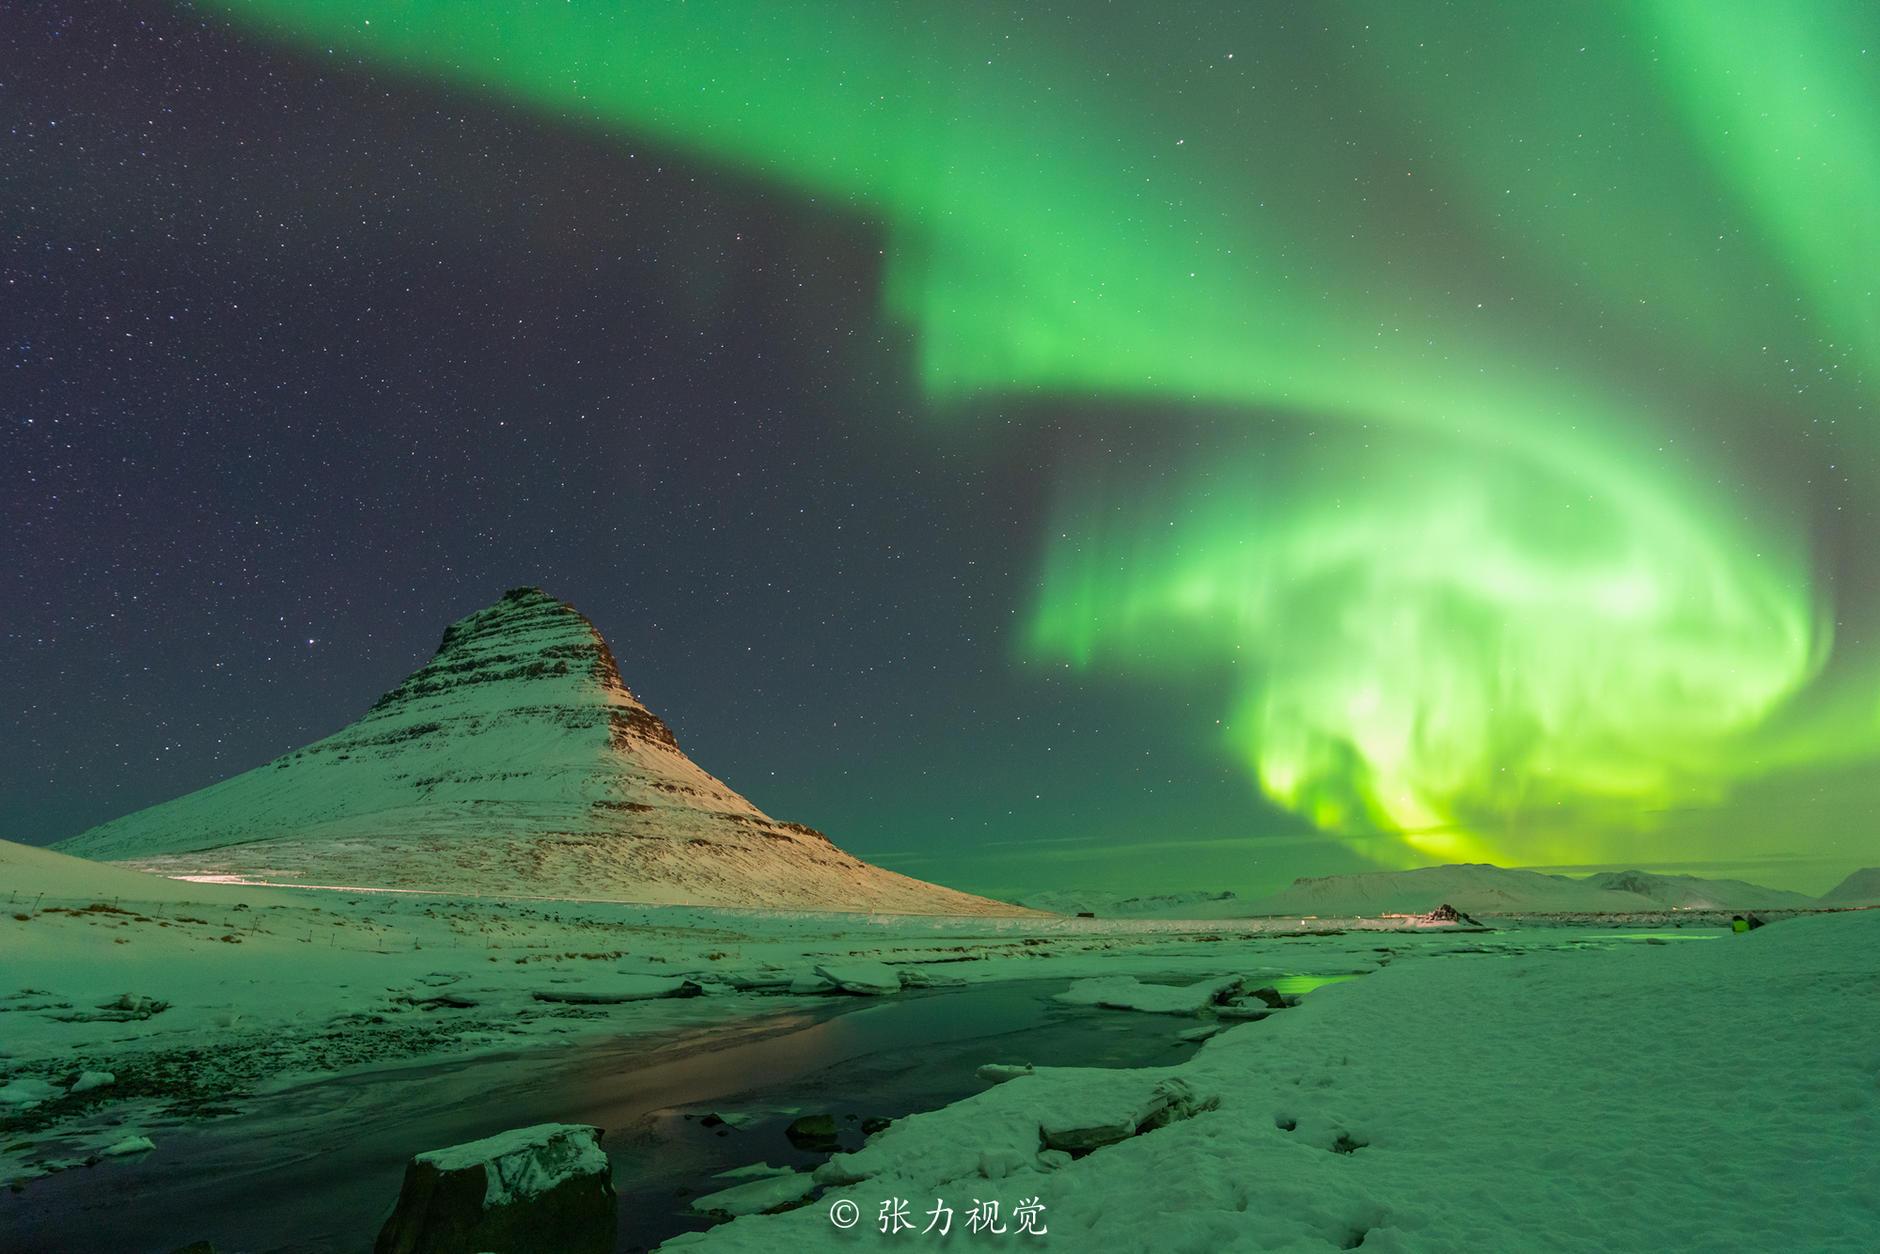 极光去哪里看?一起来冰岛邂逅浪漫极光吧